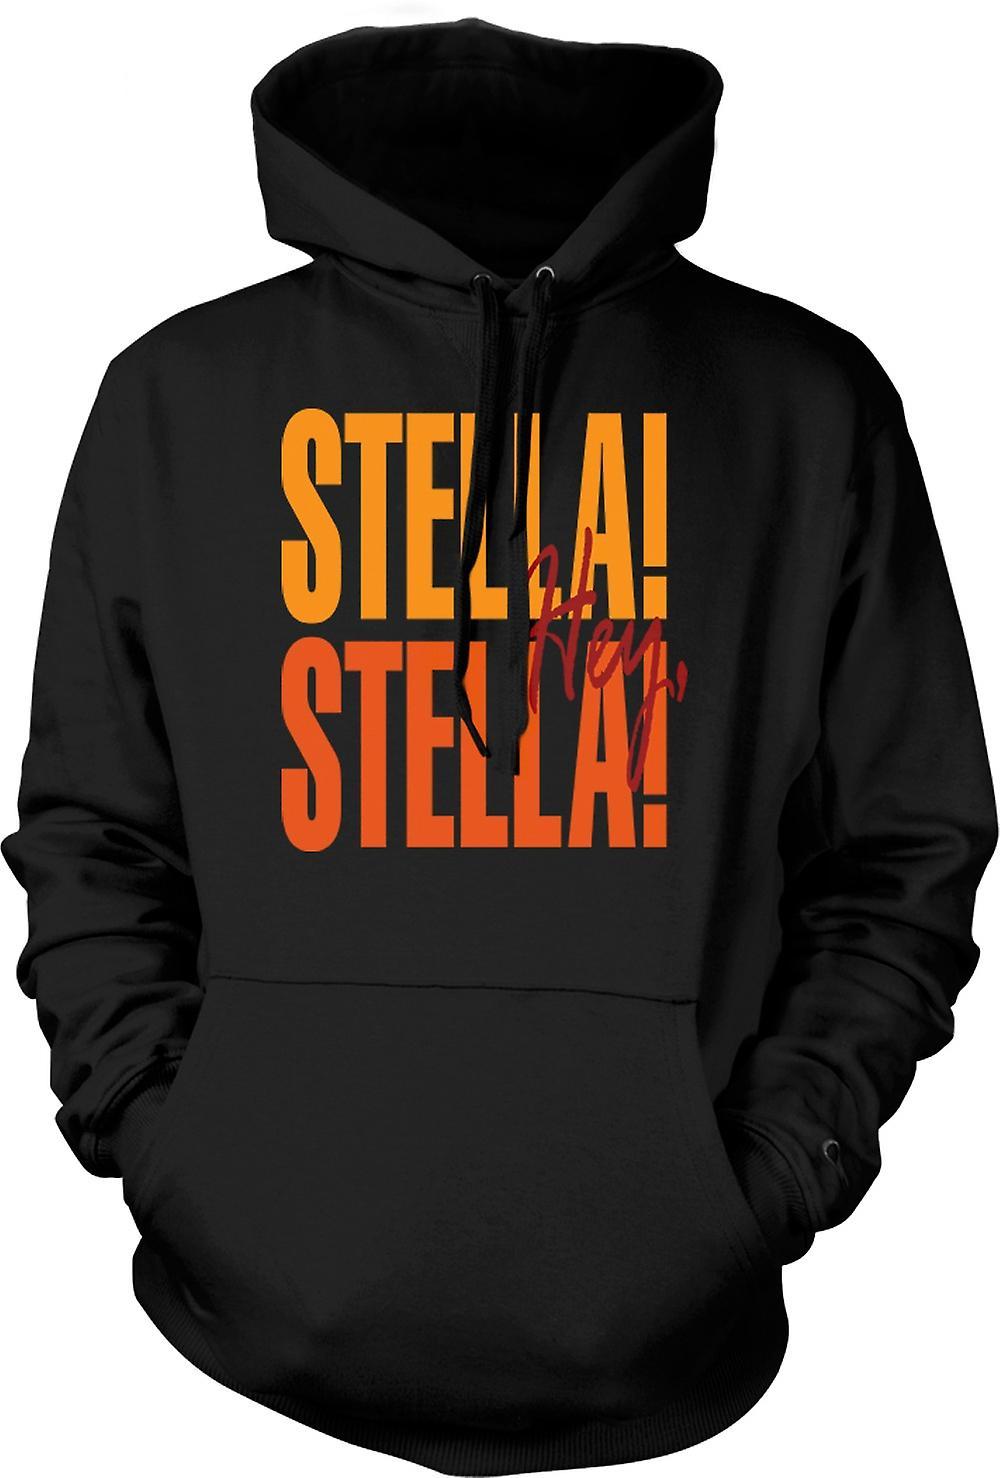 Mens Hoodie - Steetcar heter lust Stella - Funny